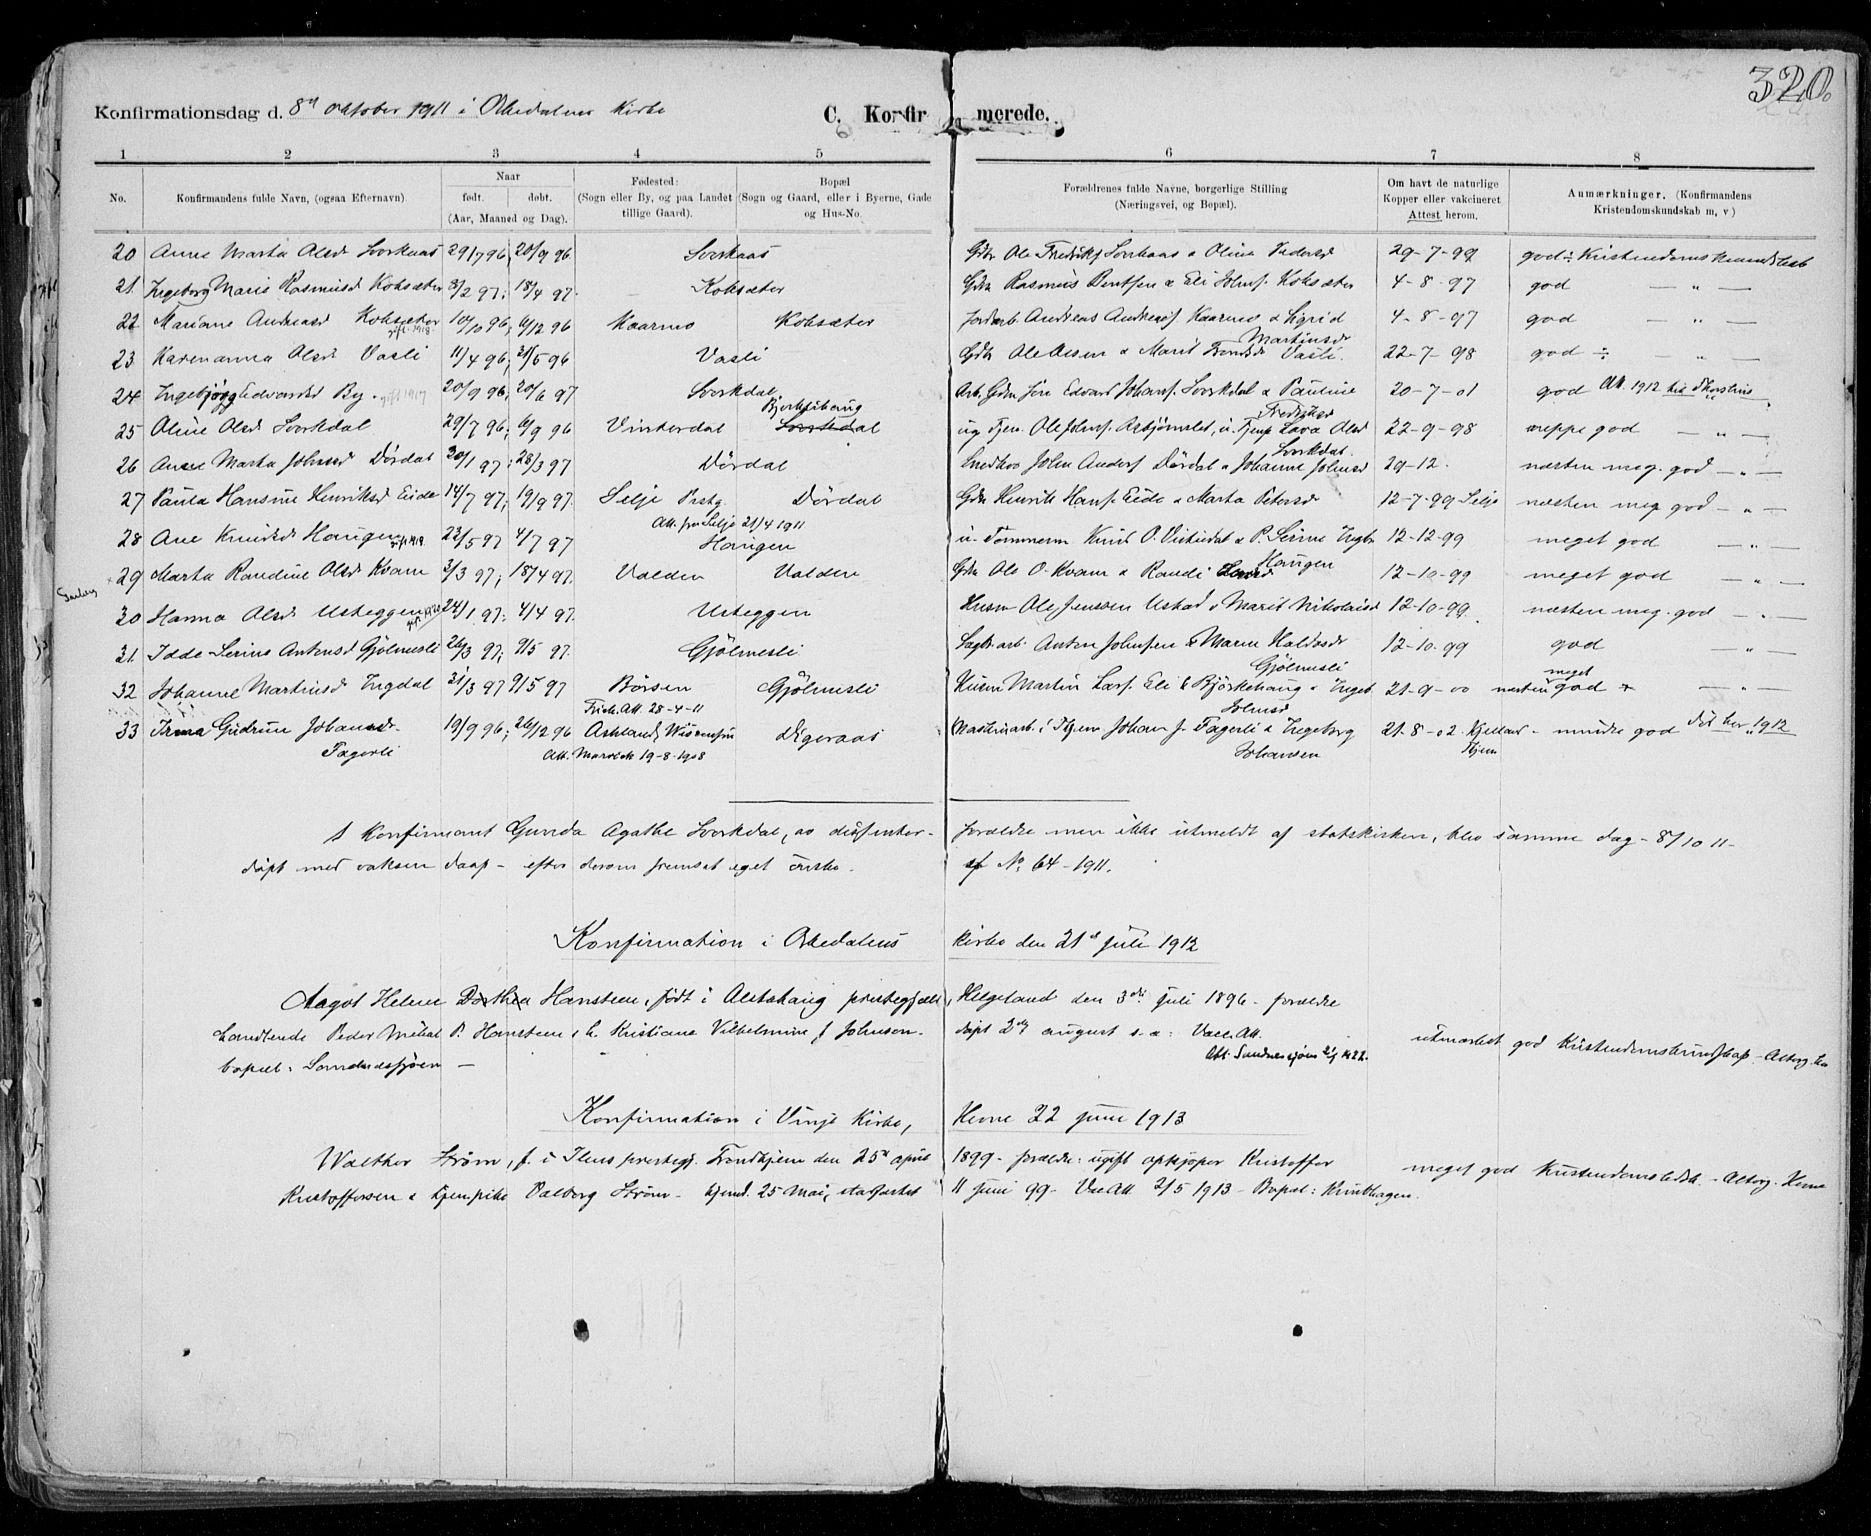 SAT, Ministerialprotokoller, klokkerbøker og fødselsregistre - Sør-Trøndelag, 668/L0811: Ministerialbok nr. 668A11, 1894-1913, s. 320